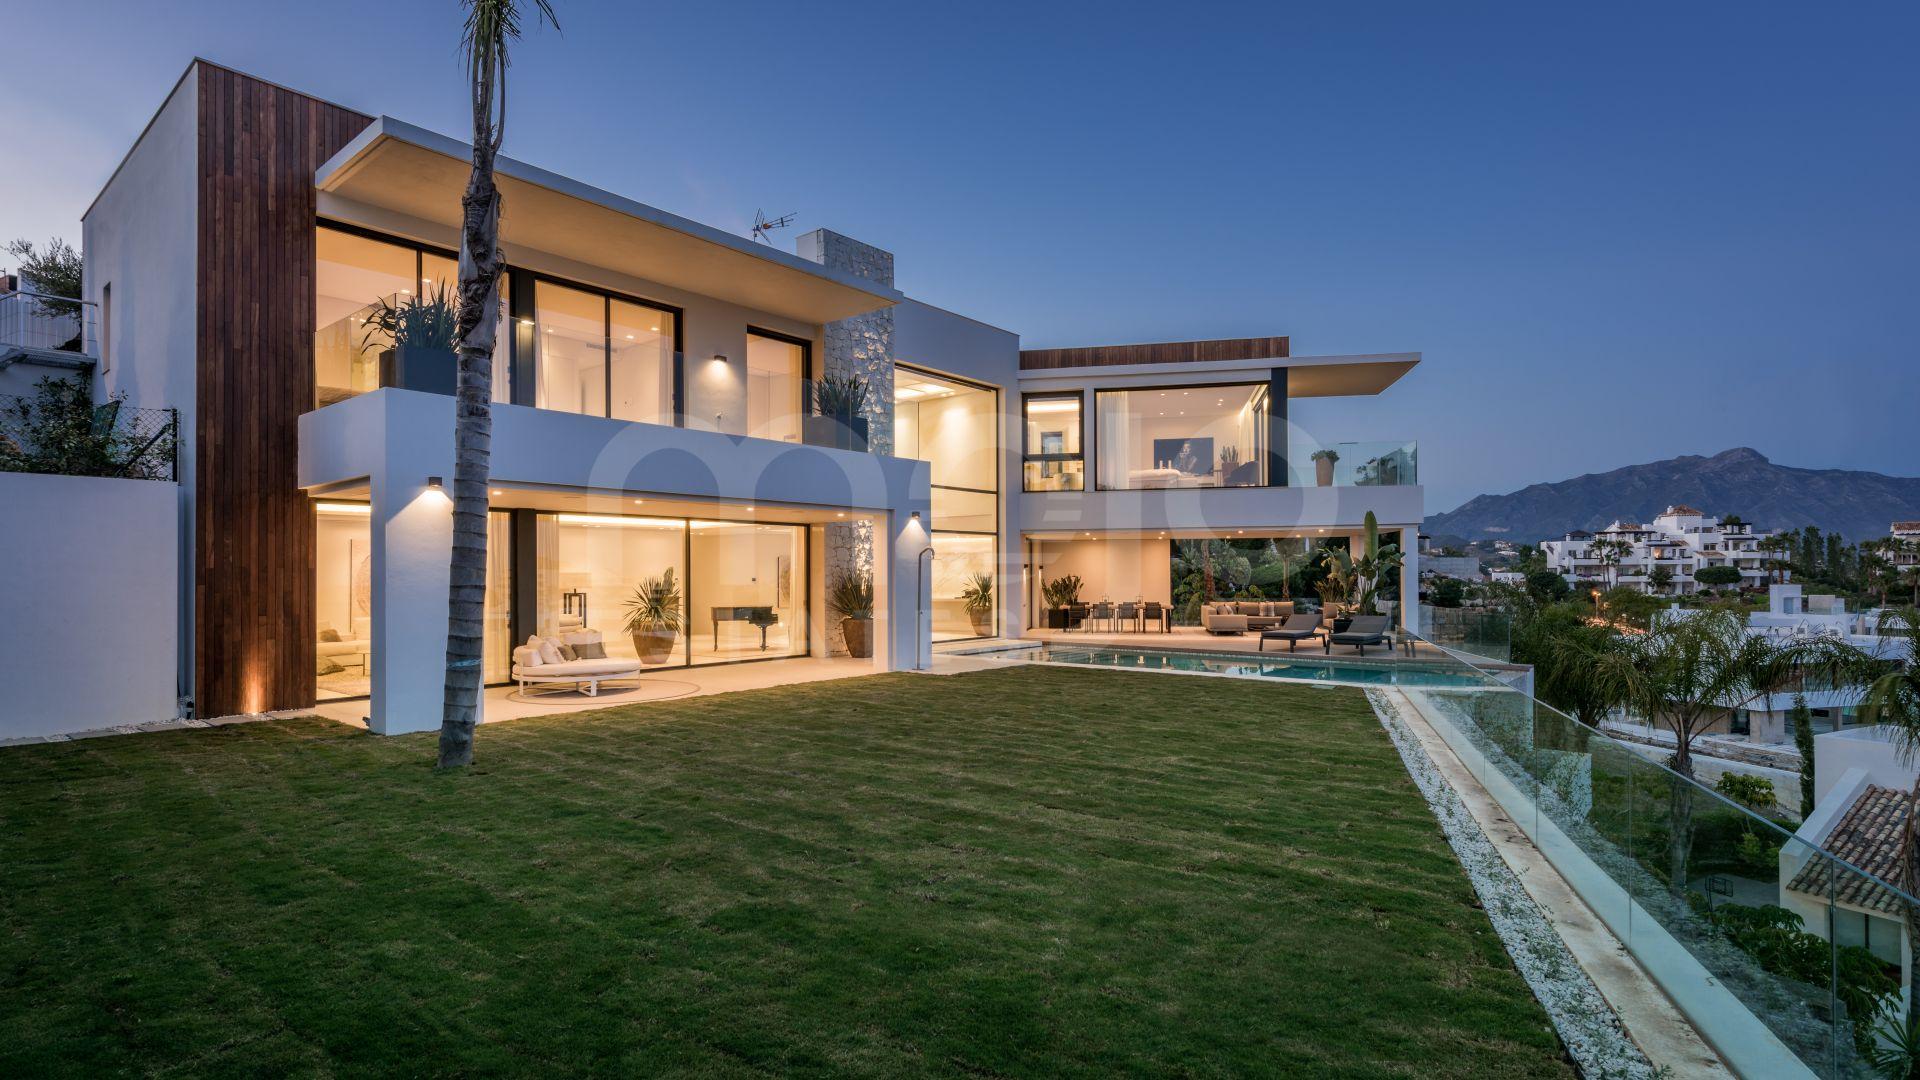 Moderna villa de 6 dormitorios con increíbles vistas panorámicas al golf y al mar.